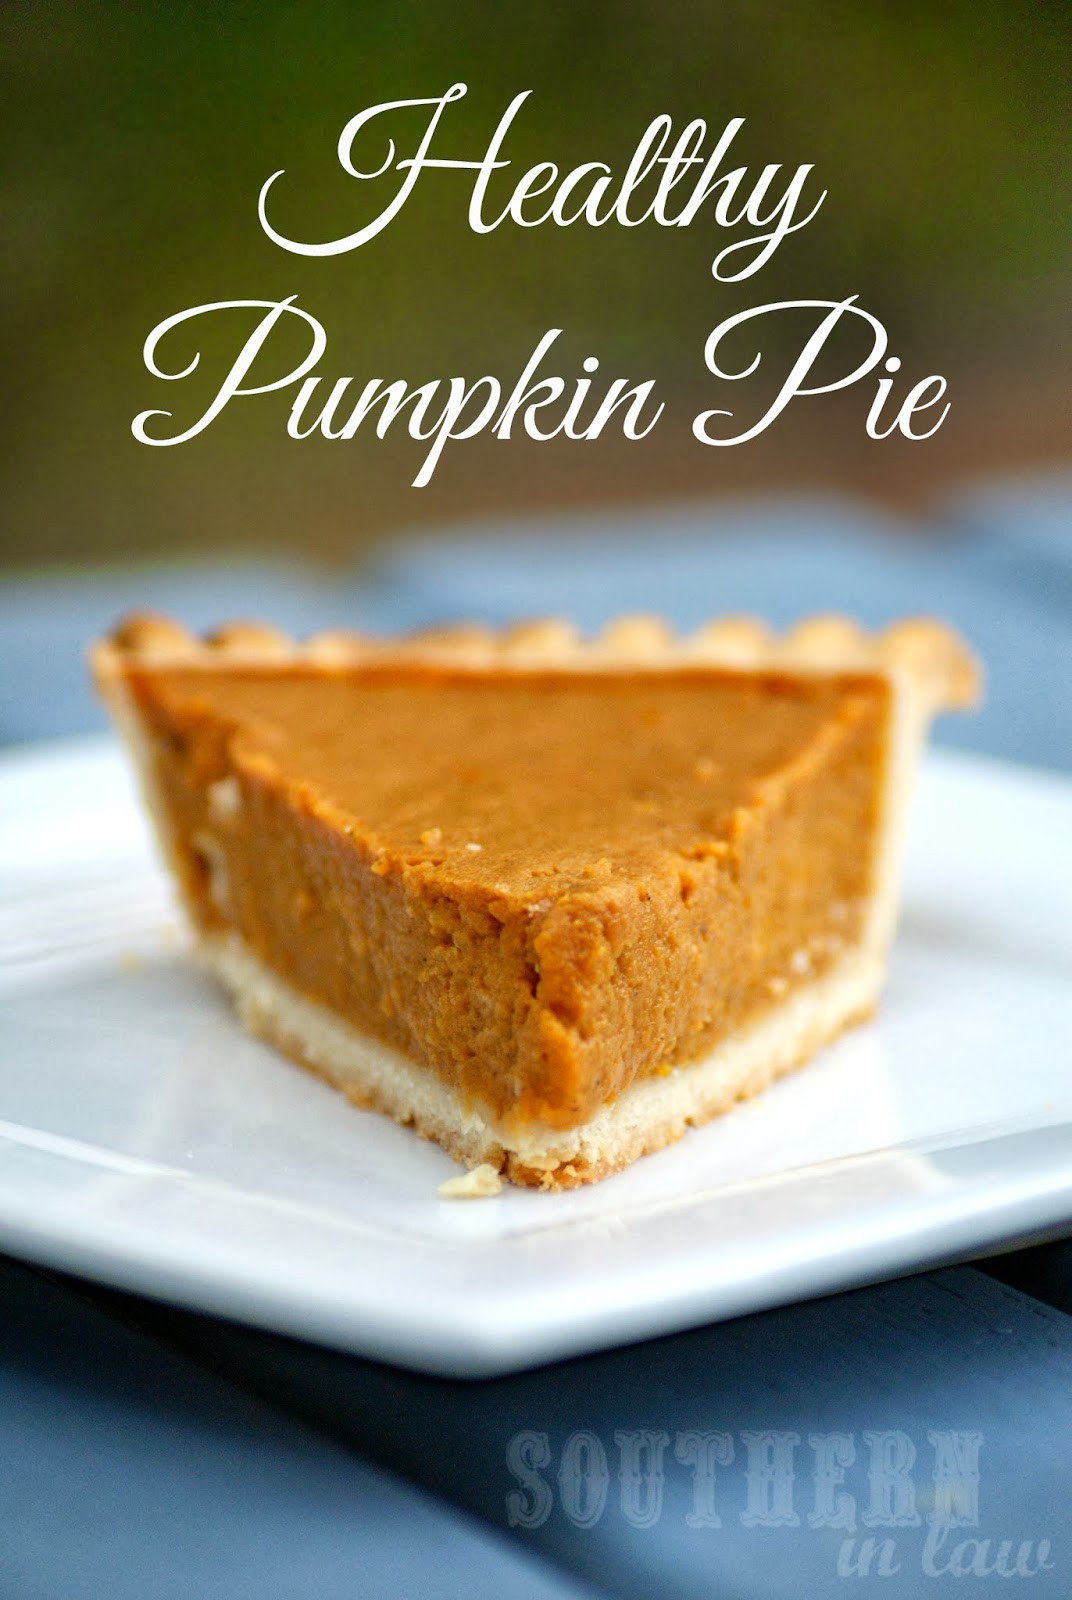 Healthy Pumpkin Pie Recipe  Southern In Law Healthy Pumpkin Pie Recipe